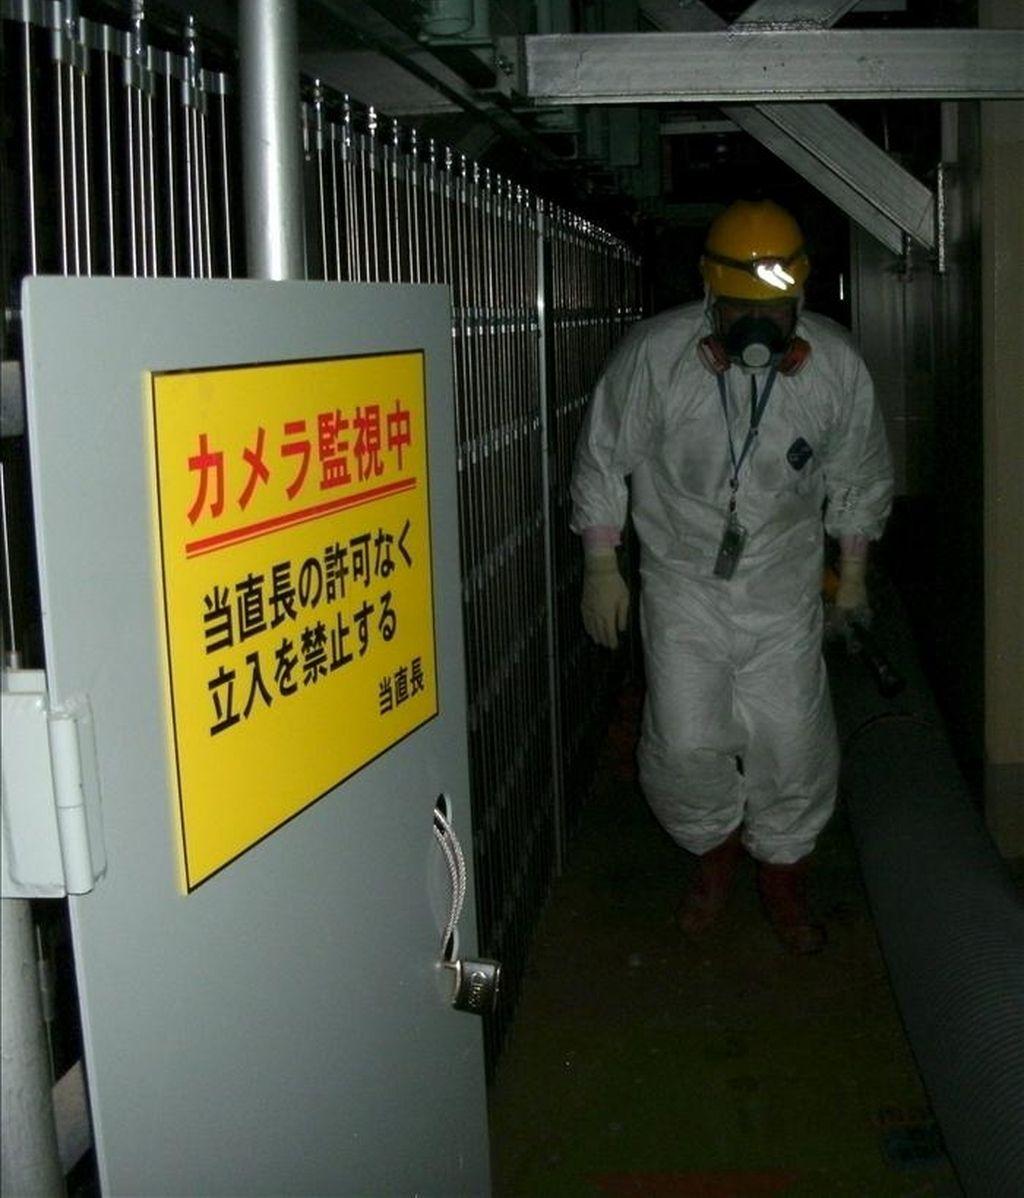 Foto facilitada por Tokyo Electric Power (TEPCO), la compañía que opera la planta nuclear de Fukushima (noreste de Japón), que muestra a uno de sus trabajadores preparado para entrar en el edificio del reactor 1 de Fukushima para tratar de restaurar su sistema de refrigeración. EFE/TEPCO